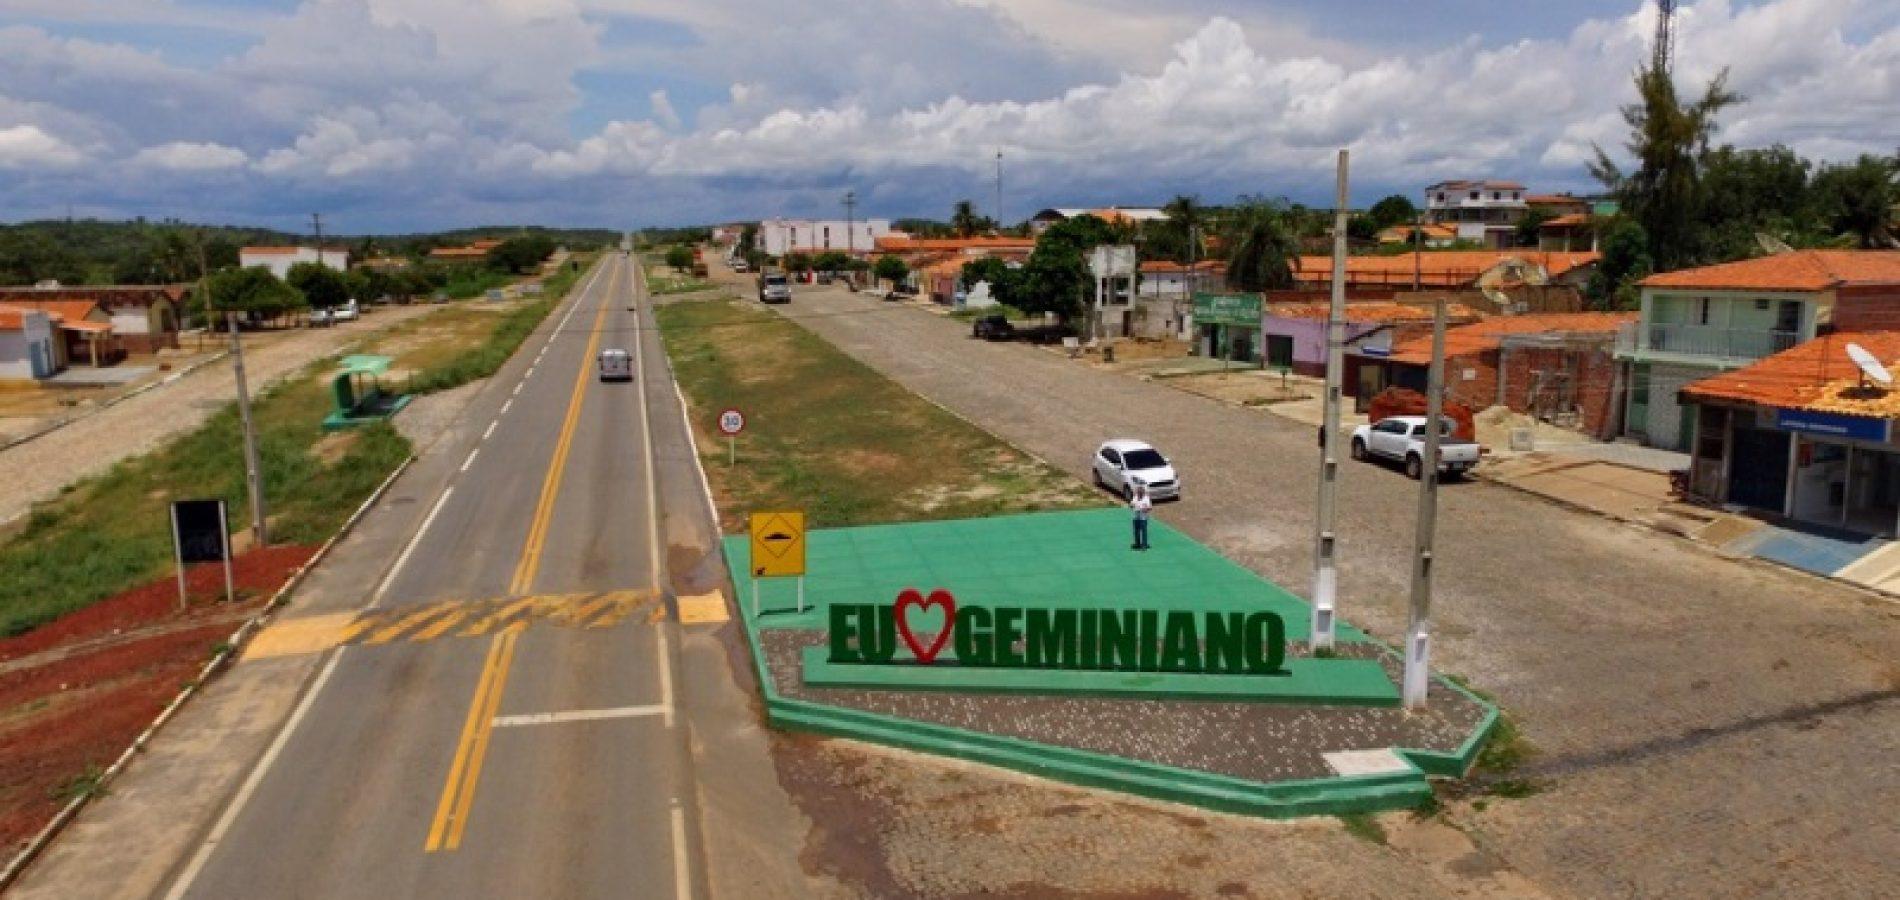 Prefeitura de Geminiano publica decreto com medidas de enfrentamento à Covid-19